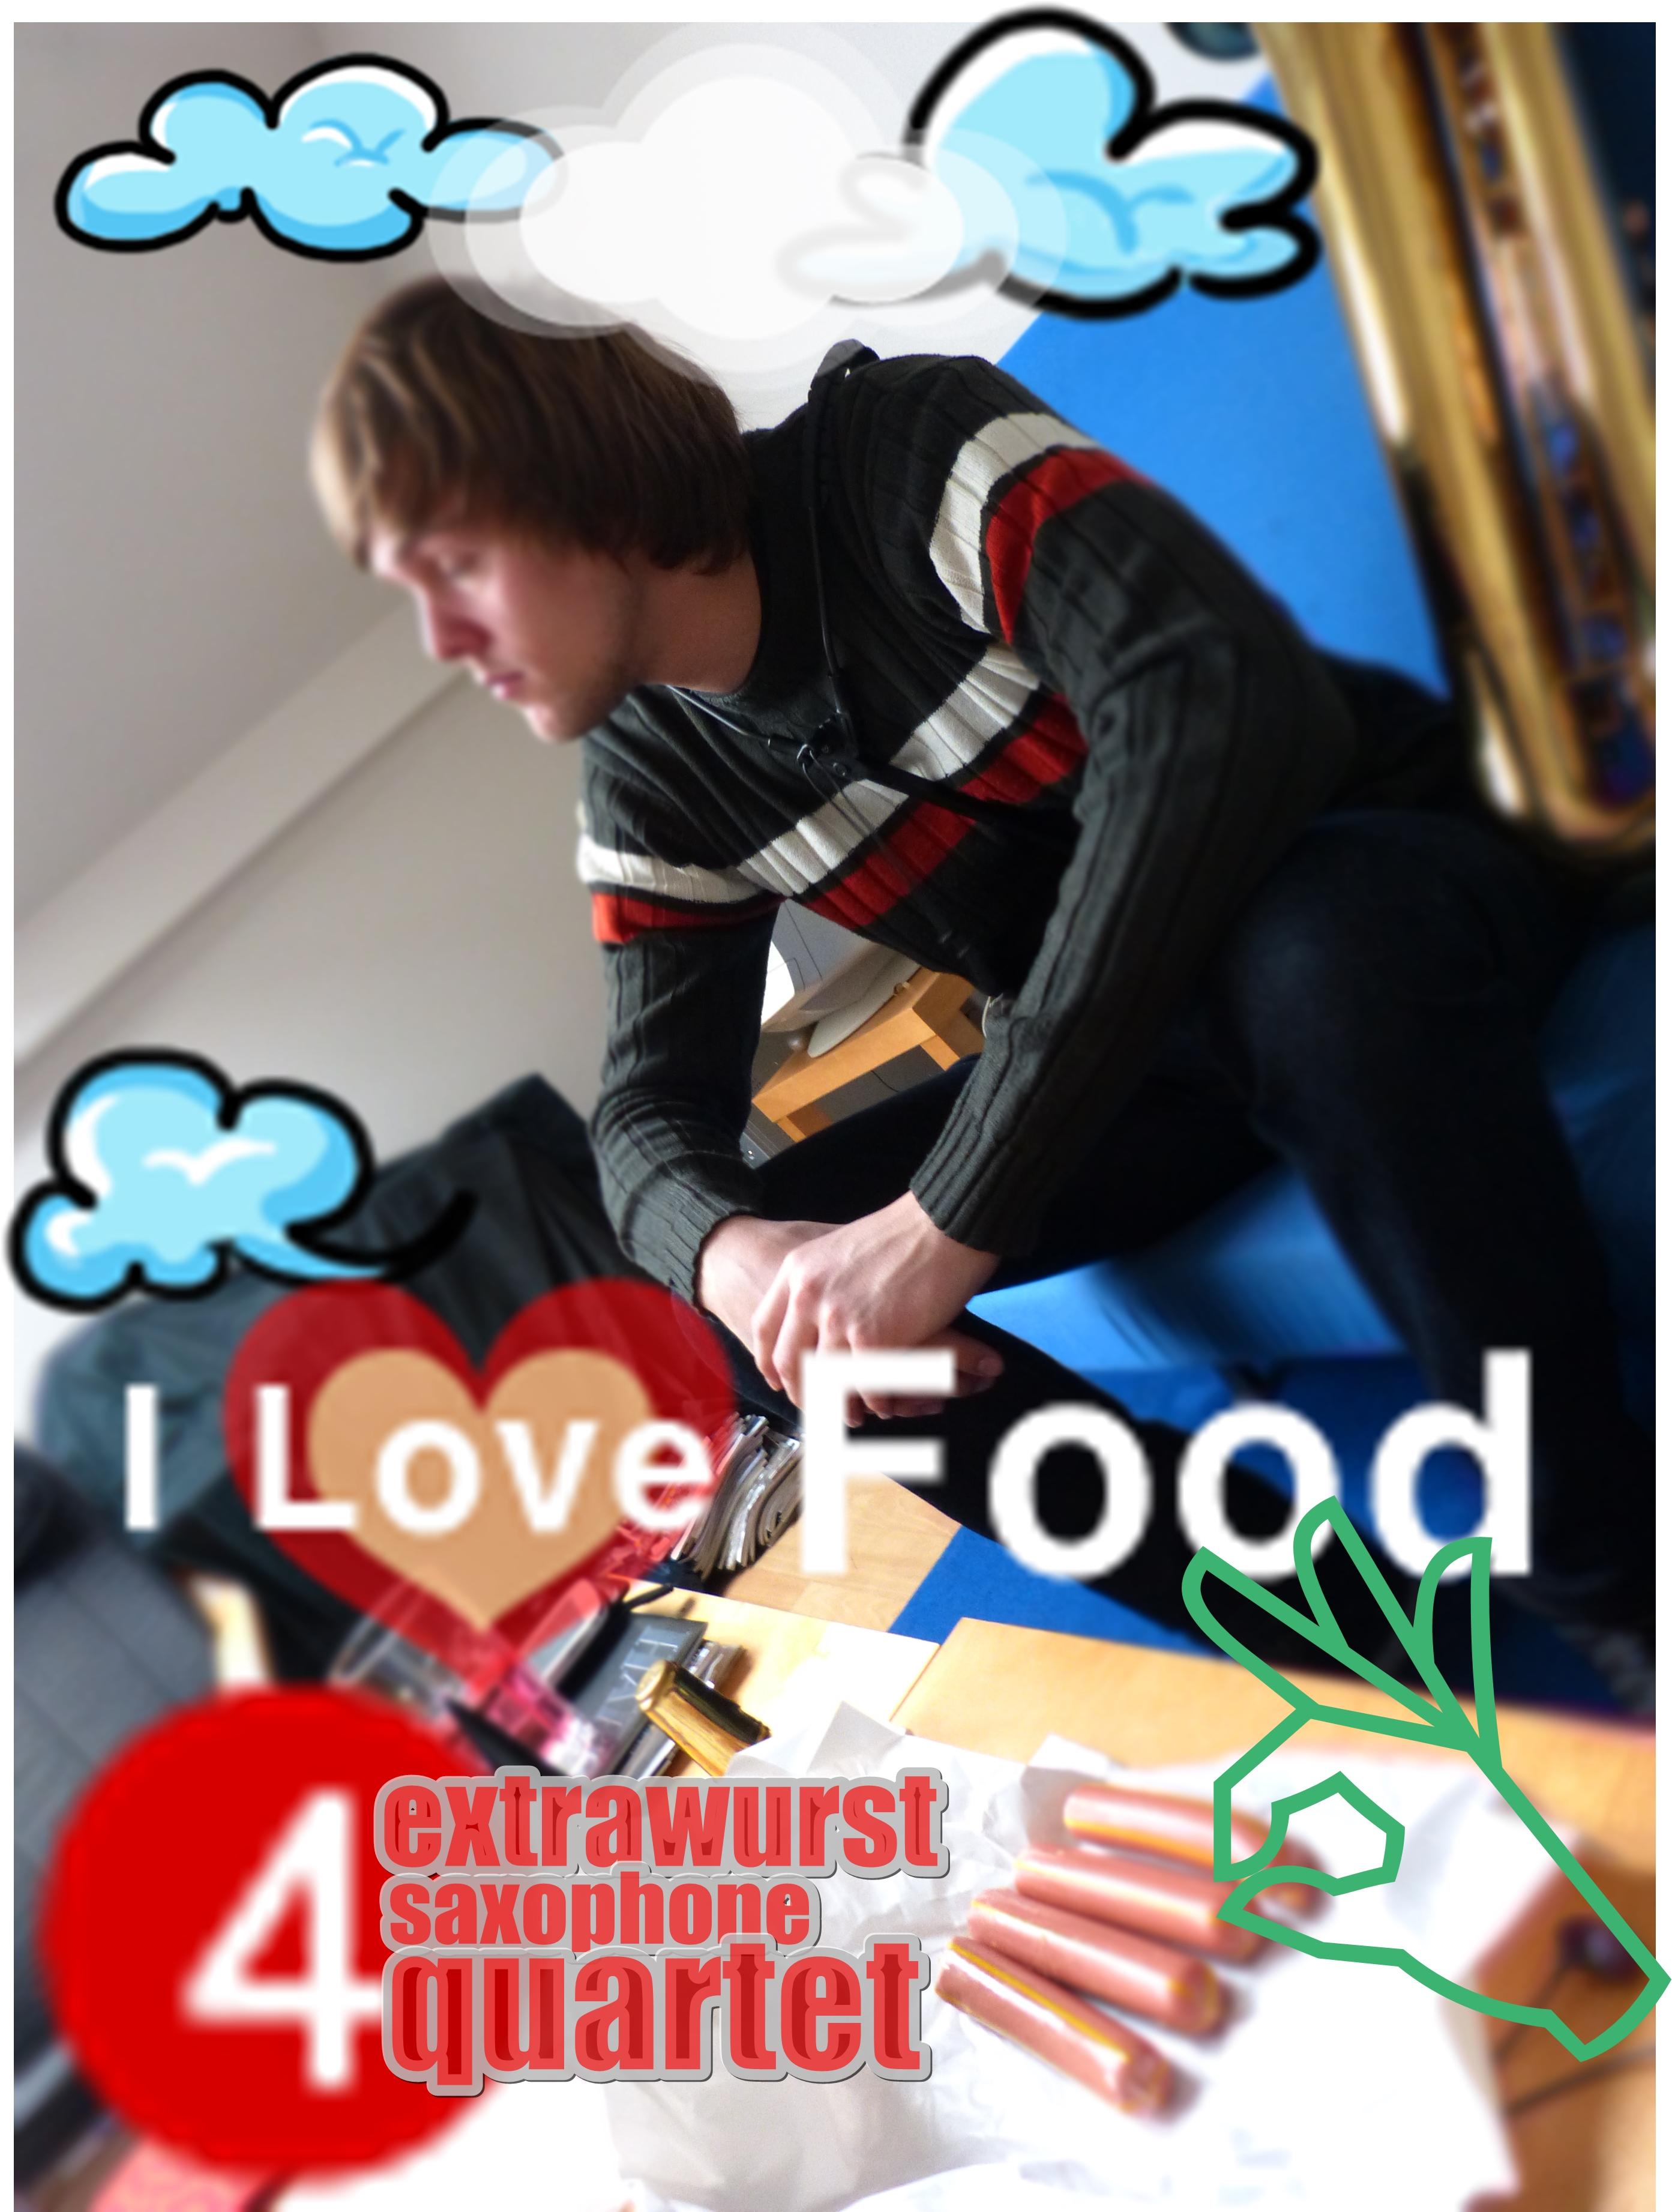 estrawurst